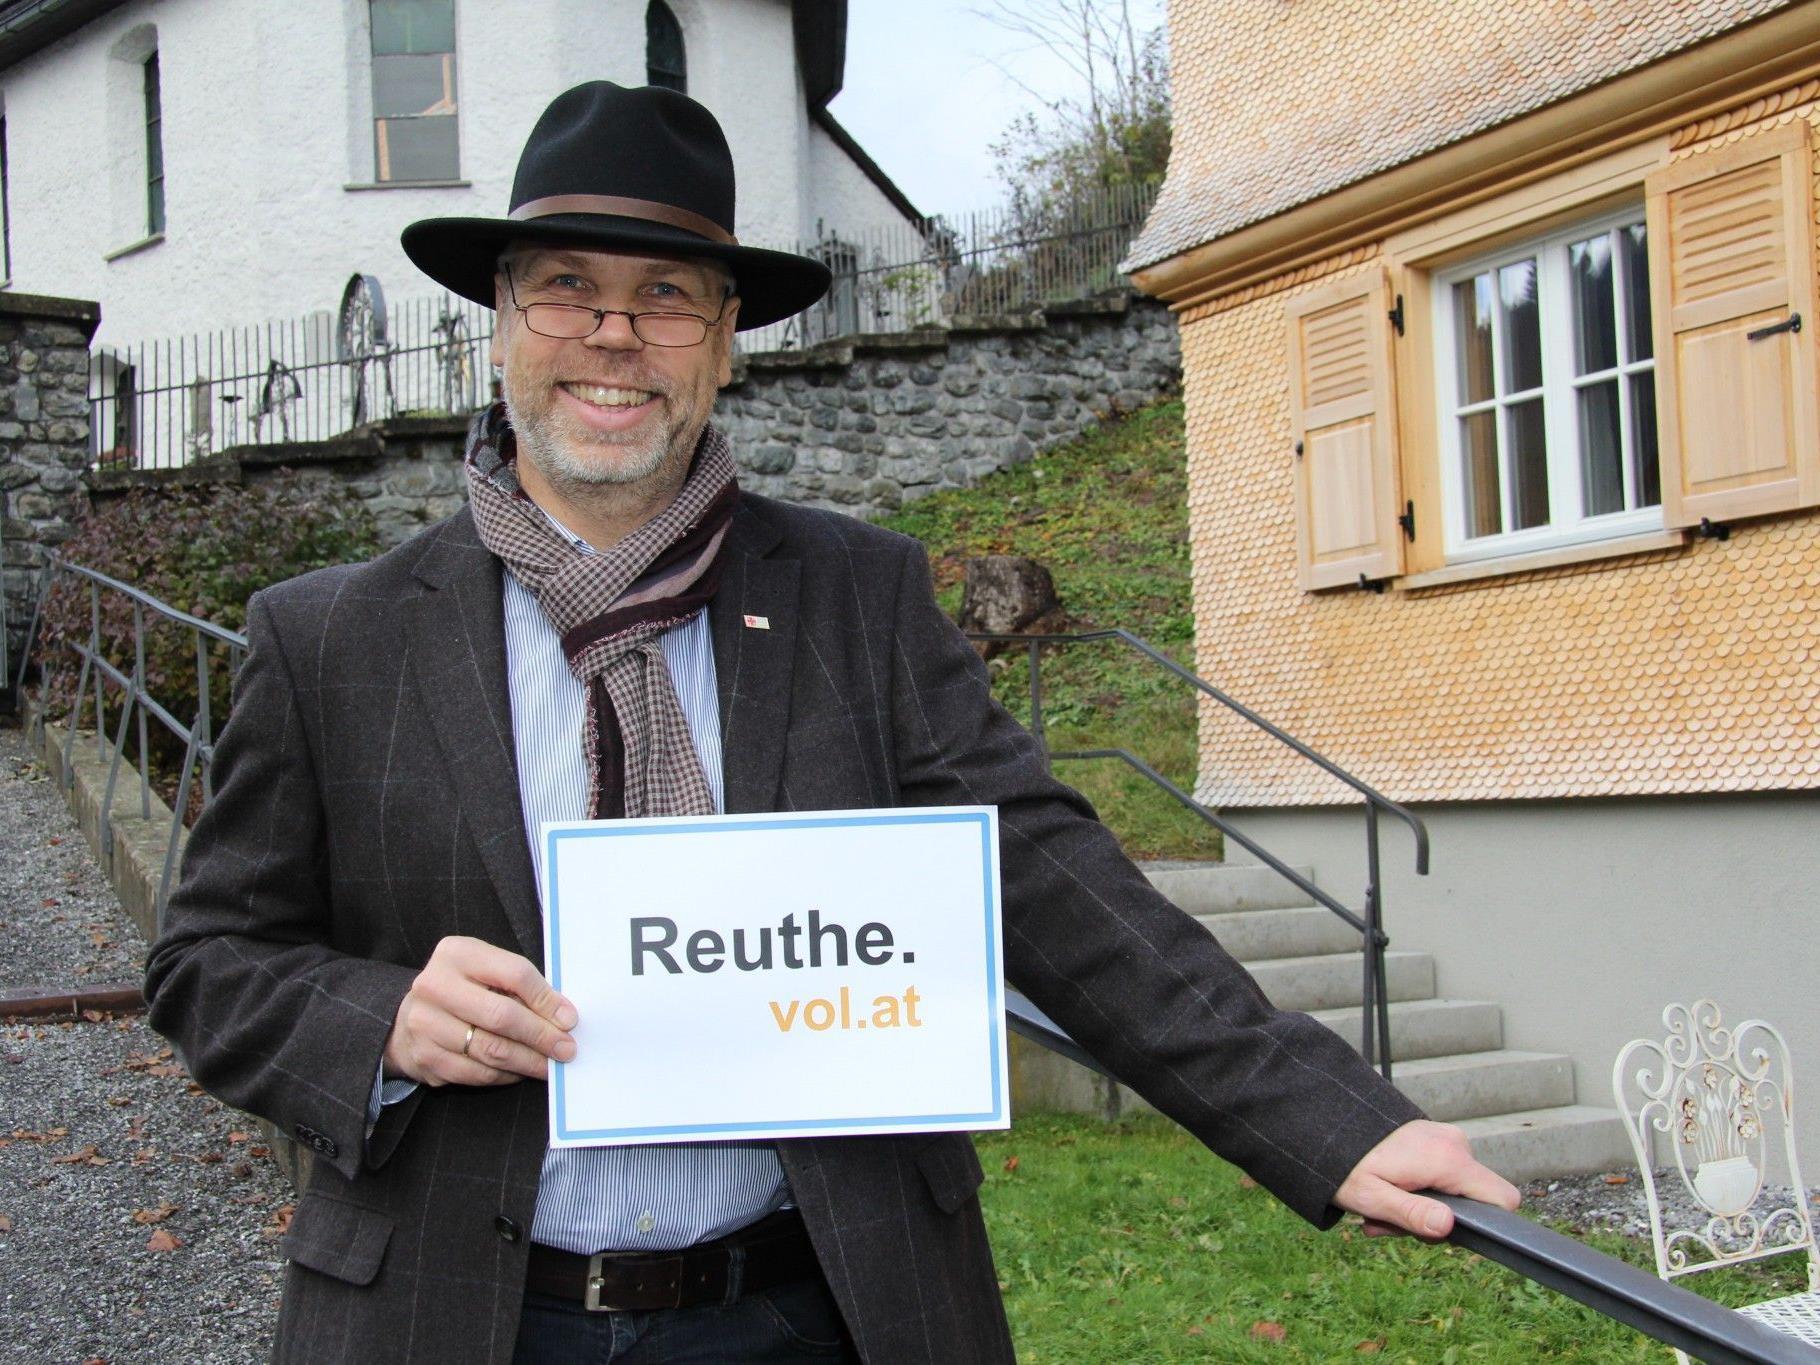 Arno Scharler, Bürgermeister von Reuthe, steht VOL.AT Rede und Antwort